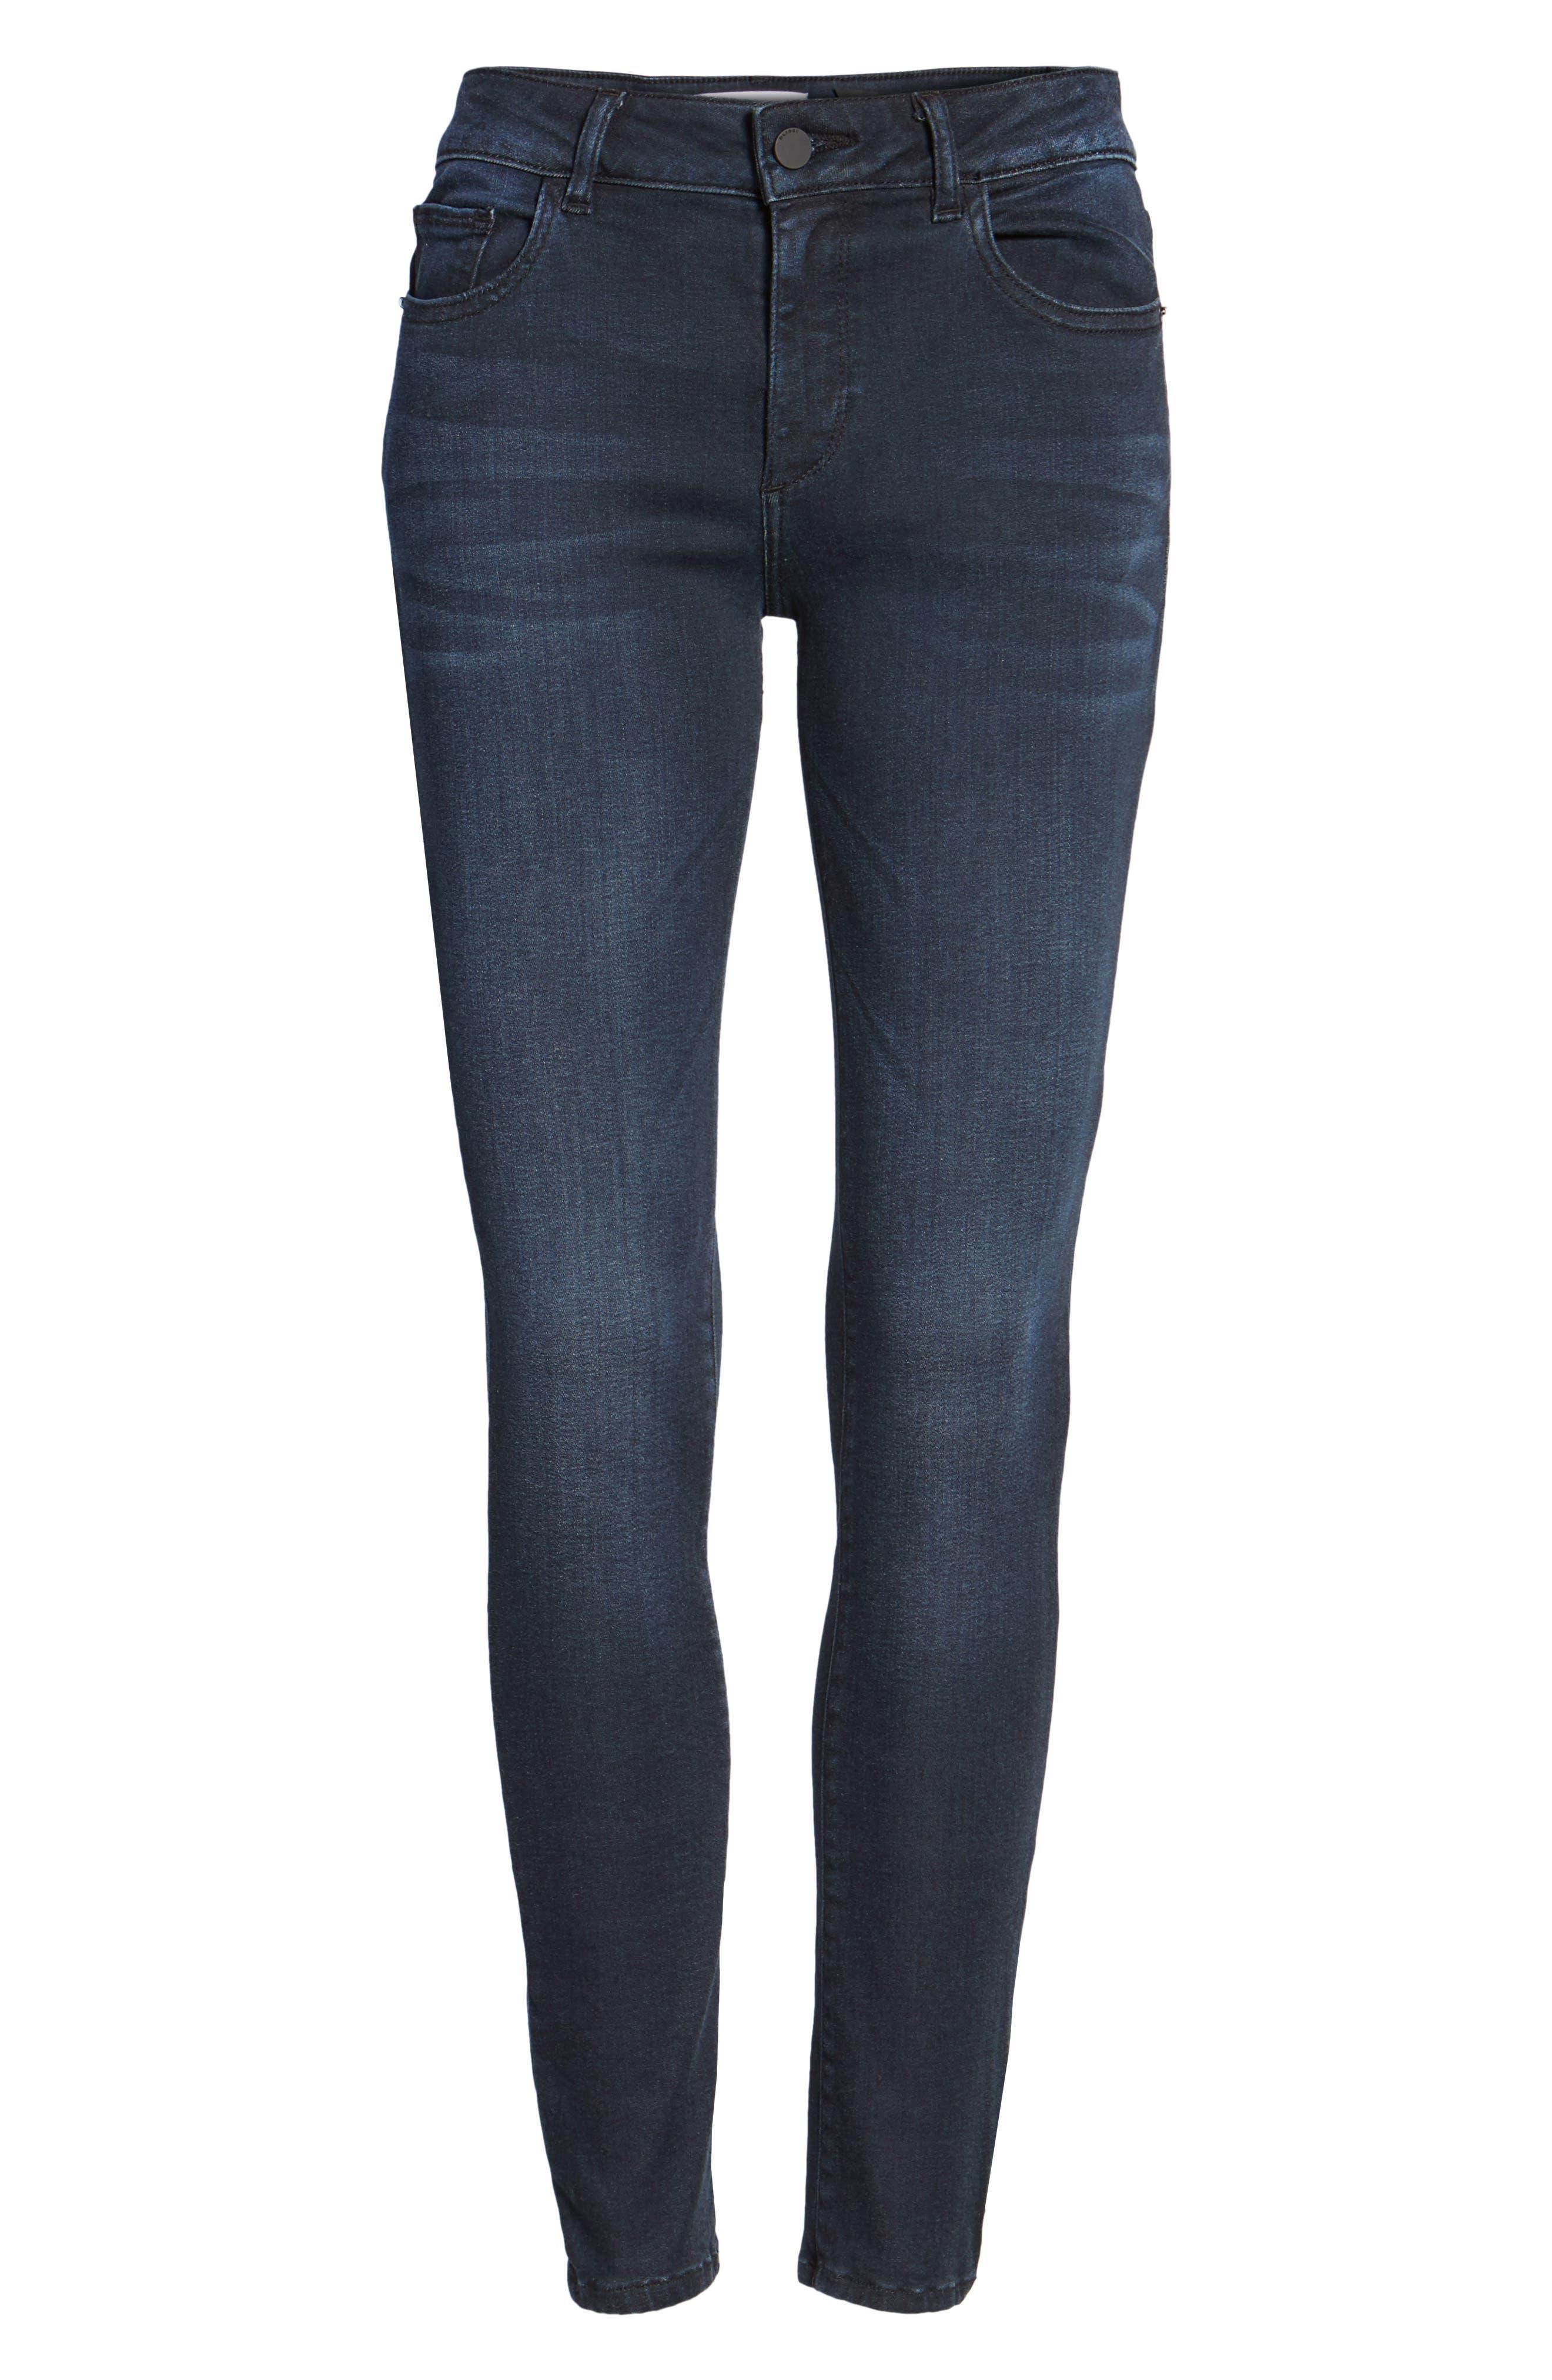 Emma Power Legging Skinny Jeans,                             Alternate thumbnail 6, color,                             Macon